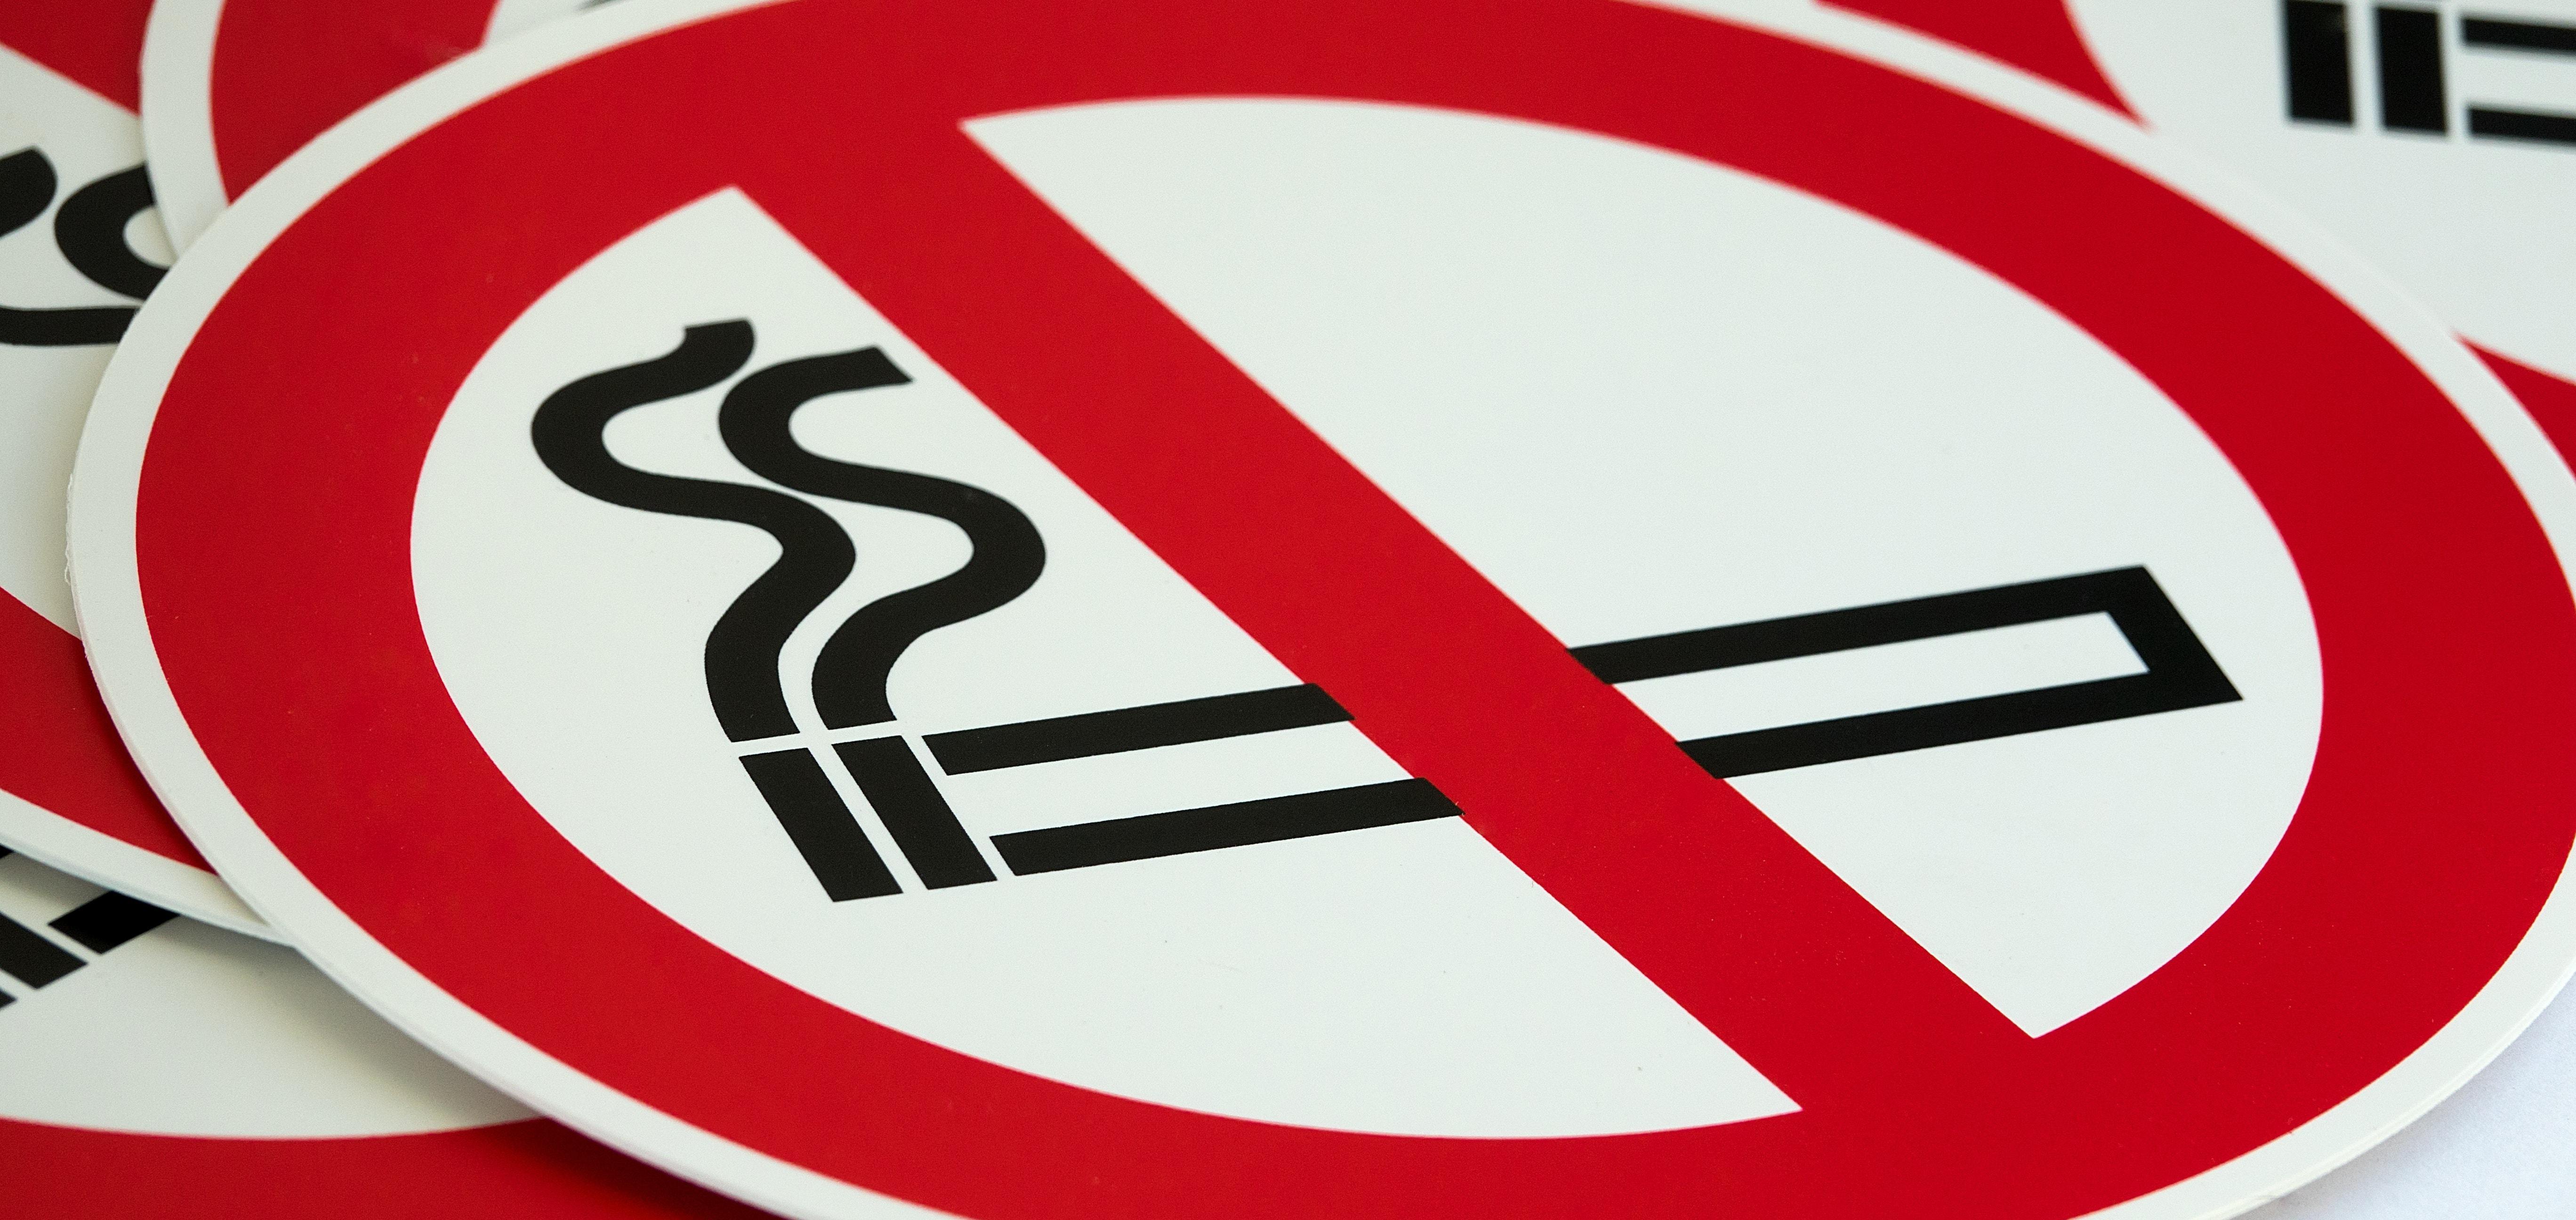 В Японии принят закон ограничивающий курение